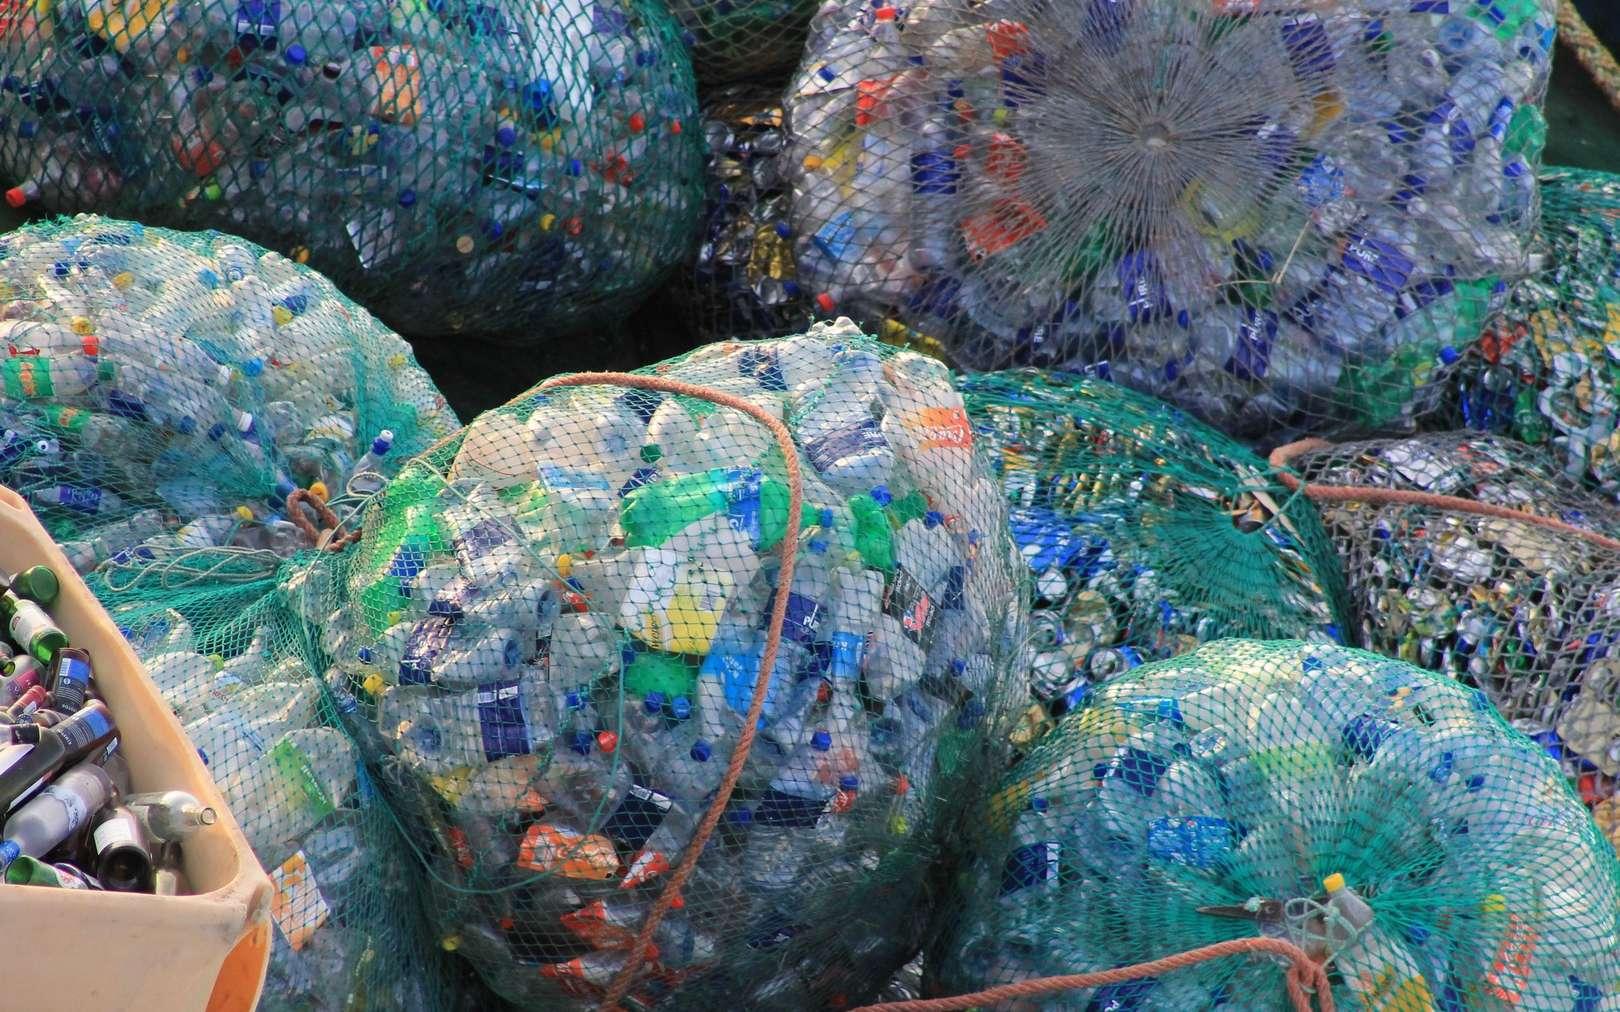 Les pays riches ont pris l'habitude d'envoyer leurs déchets plastique recyclables vers la Chine. © pxHere